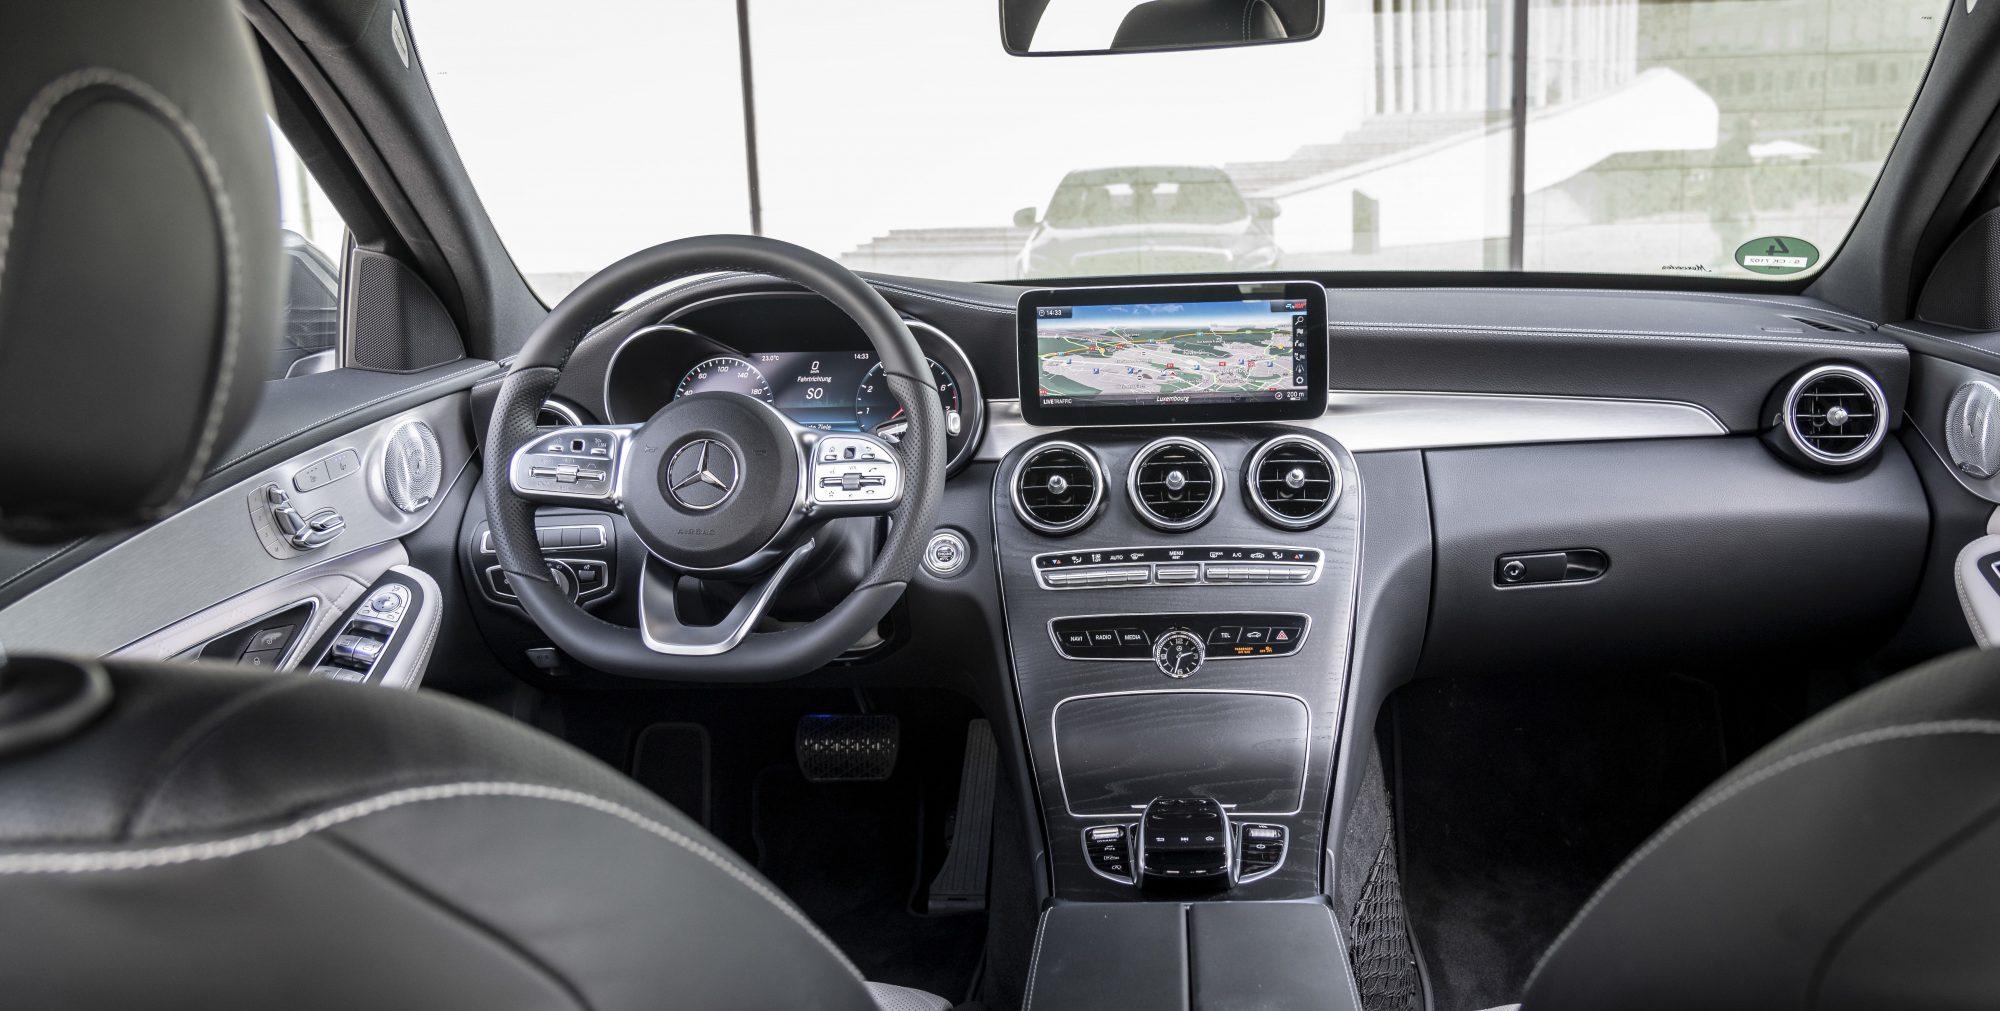 Mercedes Benz Facelift Fur Die Neue C Klasse Gas Junky